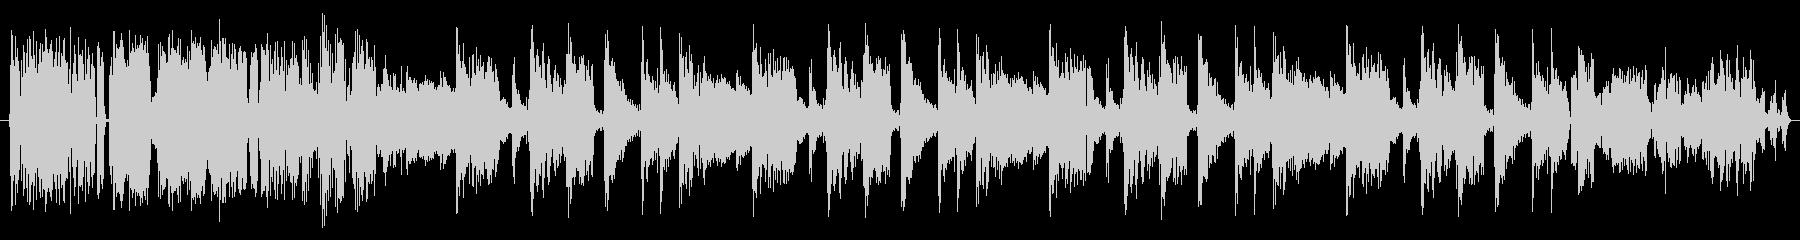 より多くの音楽の未再生の波形